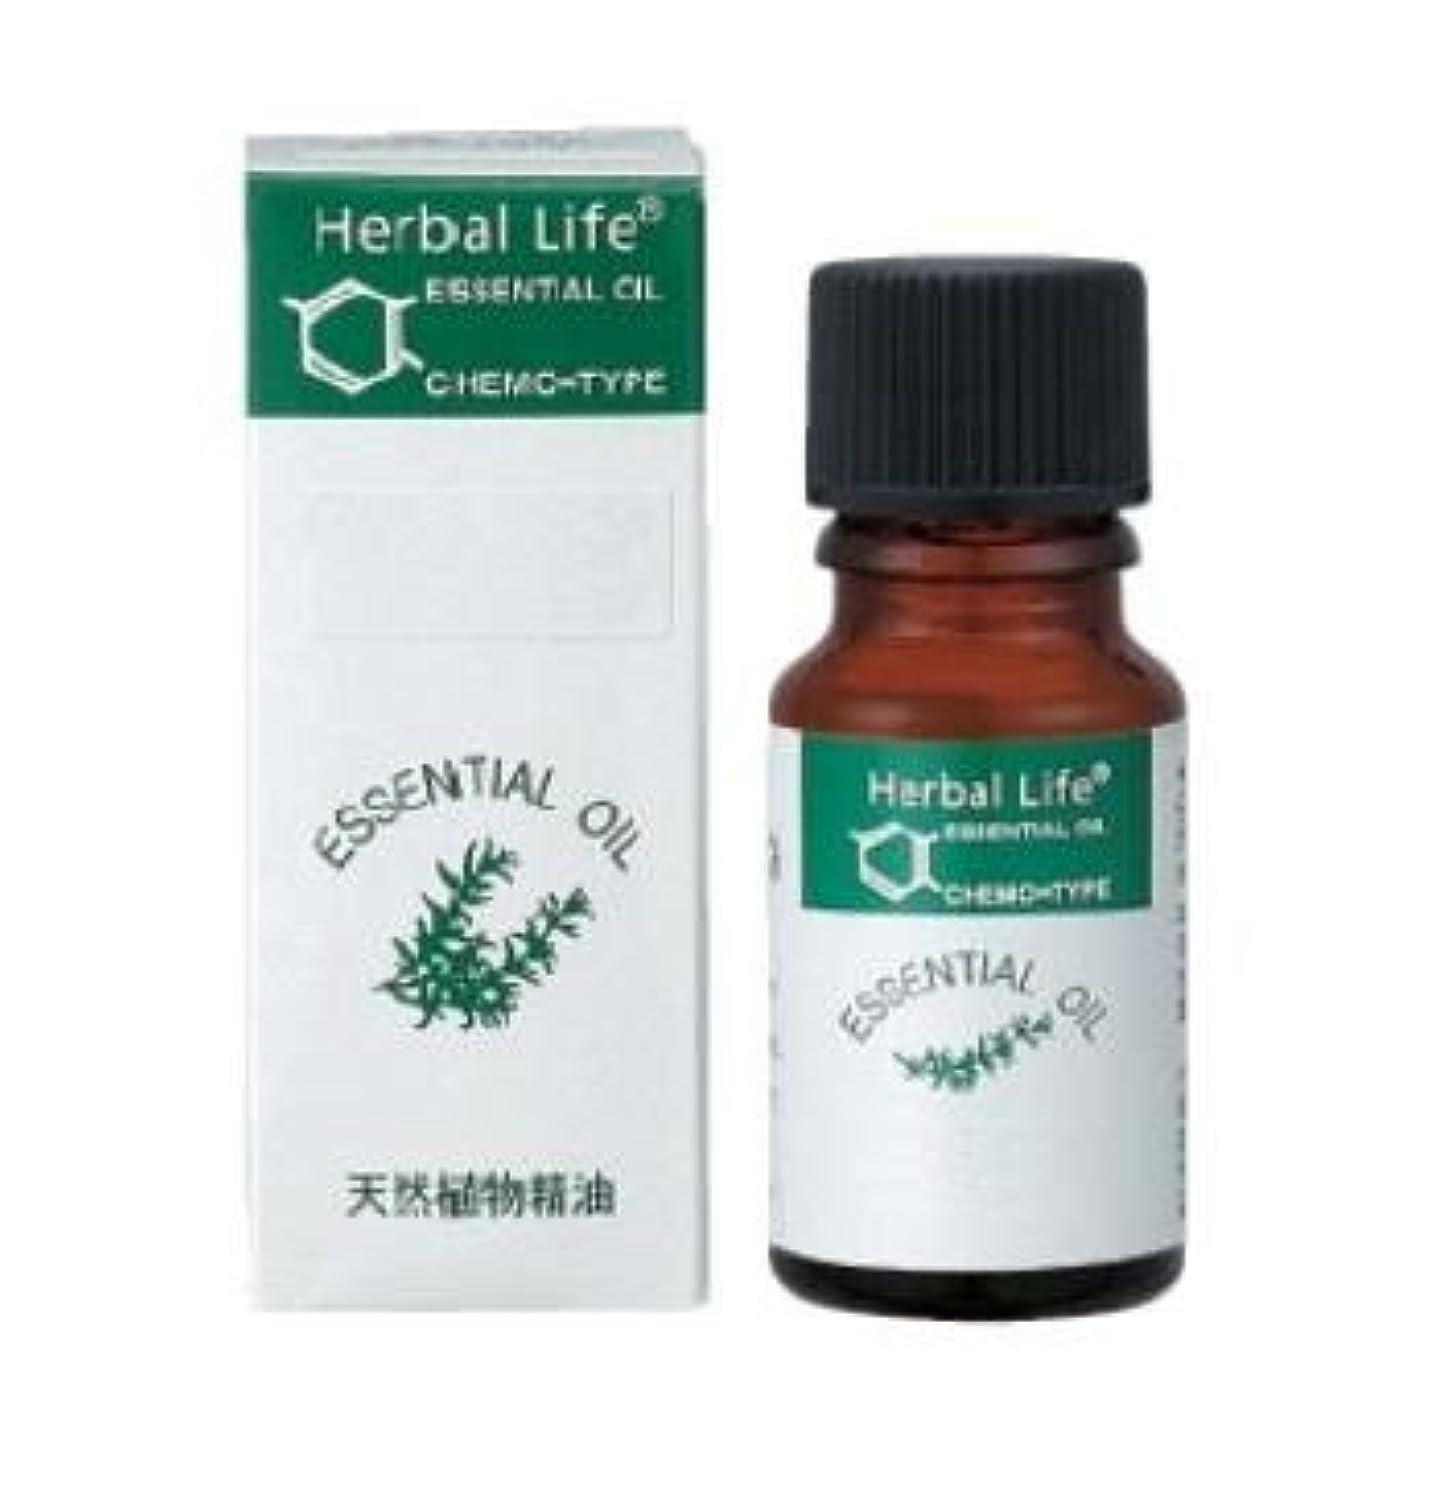 感染する環境に優しい鼻生活の木 エッセンシャルオイル シダーウッドアトラス 精油 10ml シダーウッド?アトラス アロマオイル アロマ